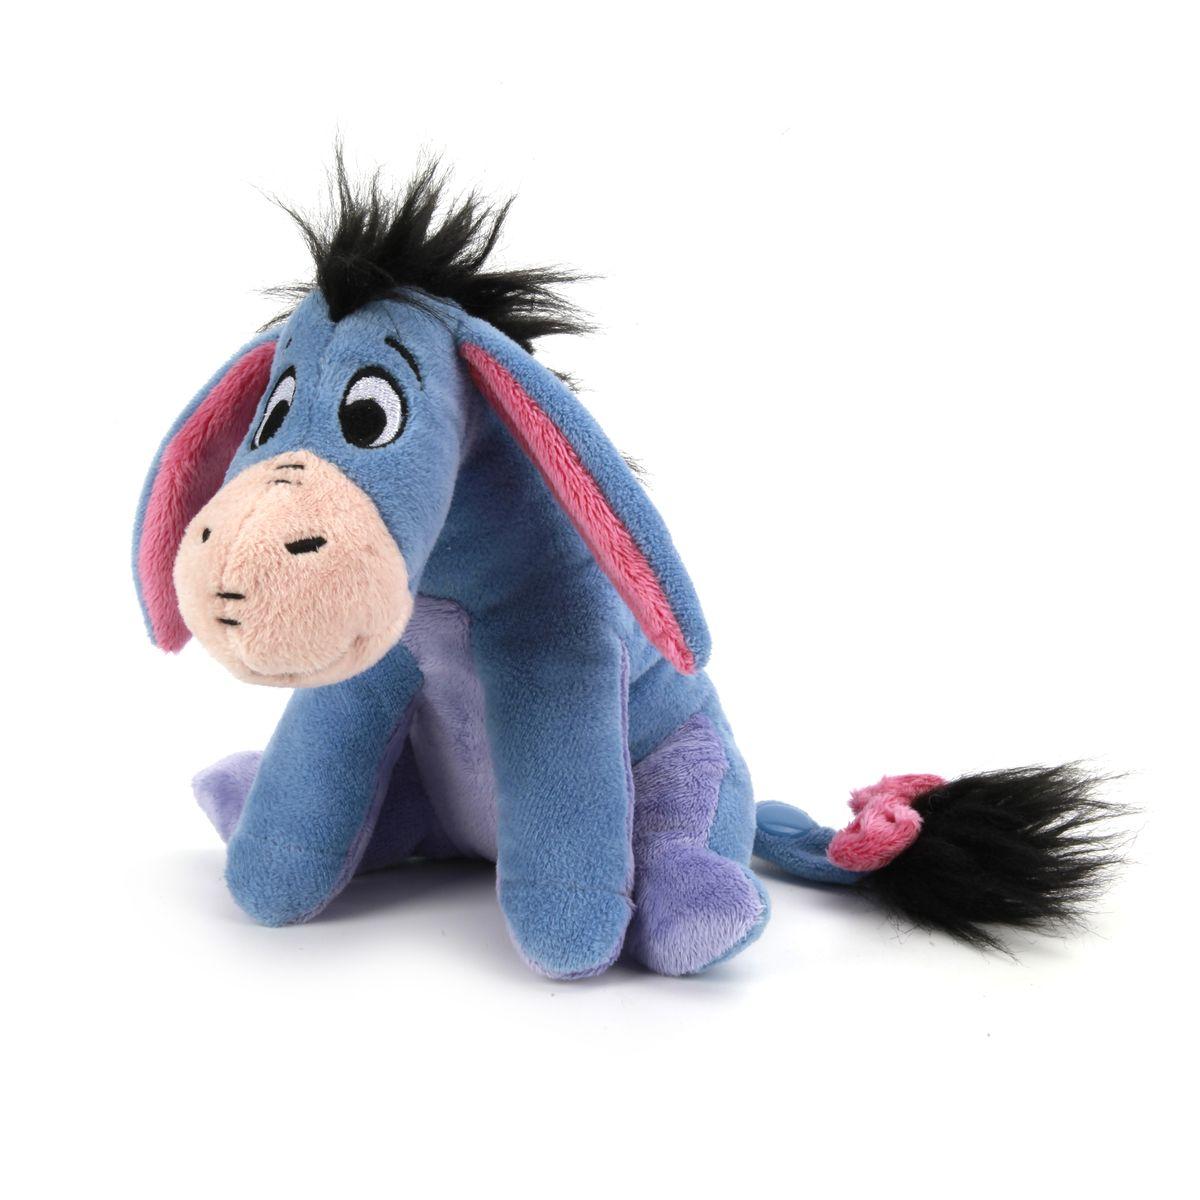 Мульти-Пульти Мягкая игрушка Disney Ослик ушастикV92062/16Очаровательный ушастый ослик с грустными глазками. Станет не только замечательным подарком для Вашего малыша, но и прекрасным другом, который по своим размерам позволяет с ней быть всегда.